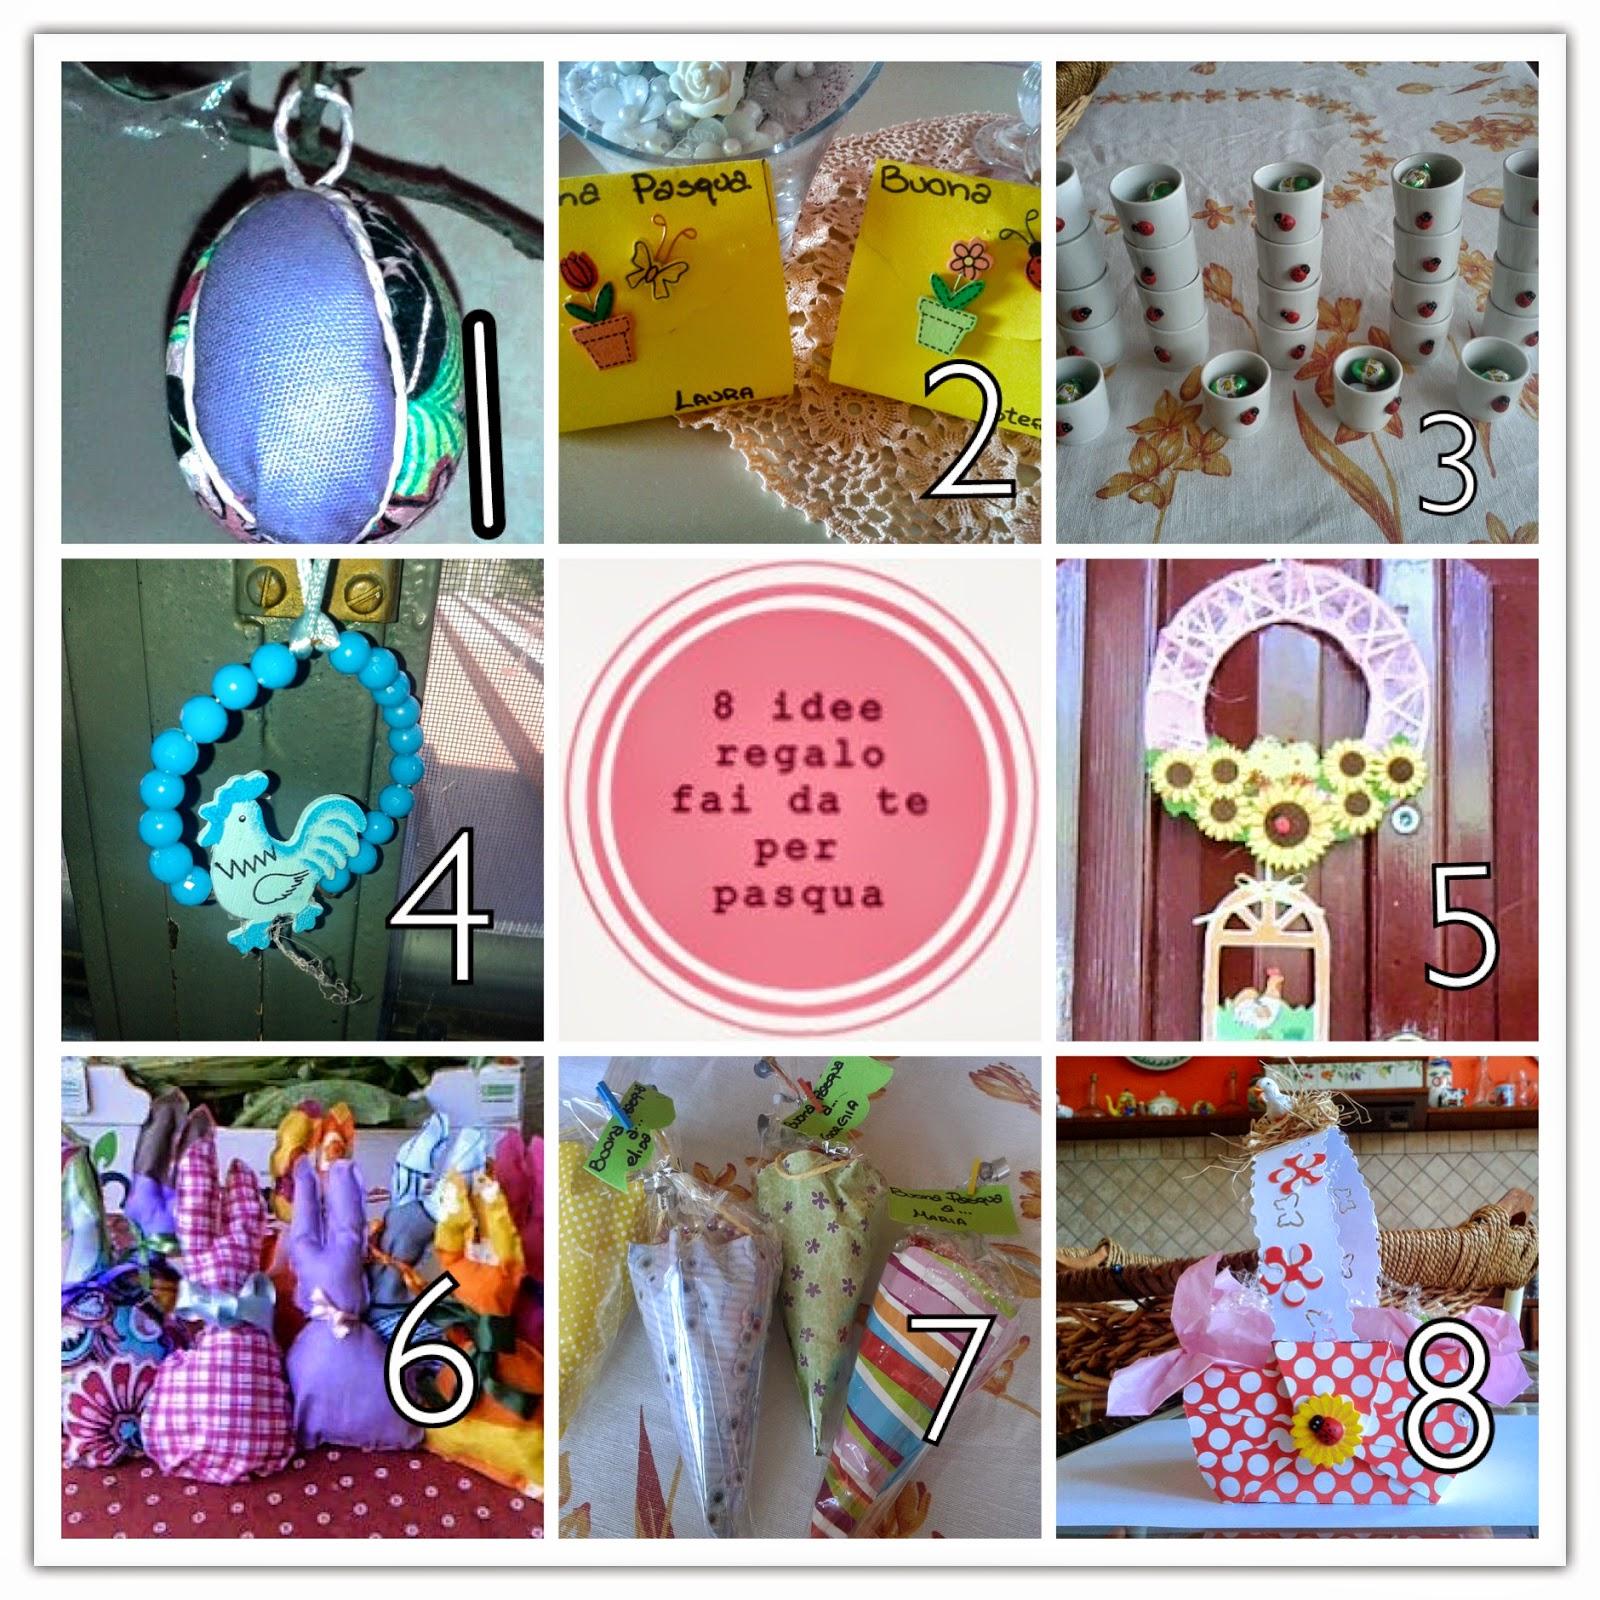 Soraya 39 s laboratory 8 idee regalo fai da te per pasqua for Regali per